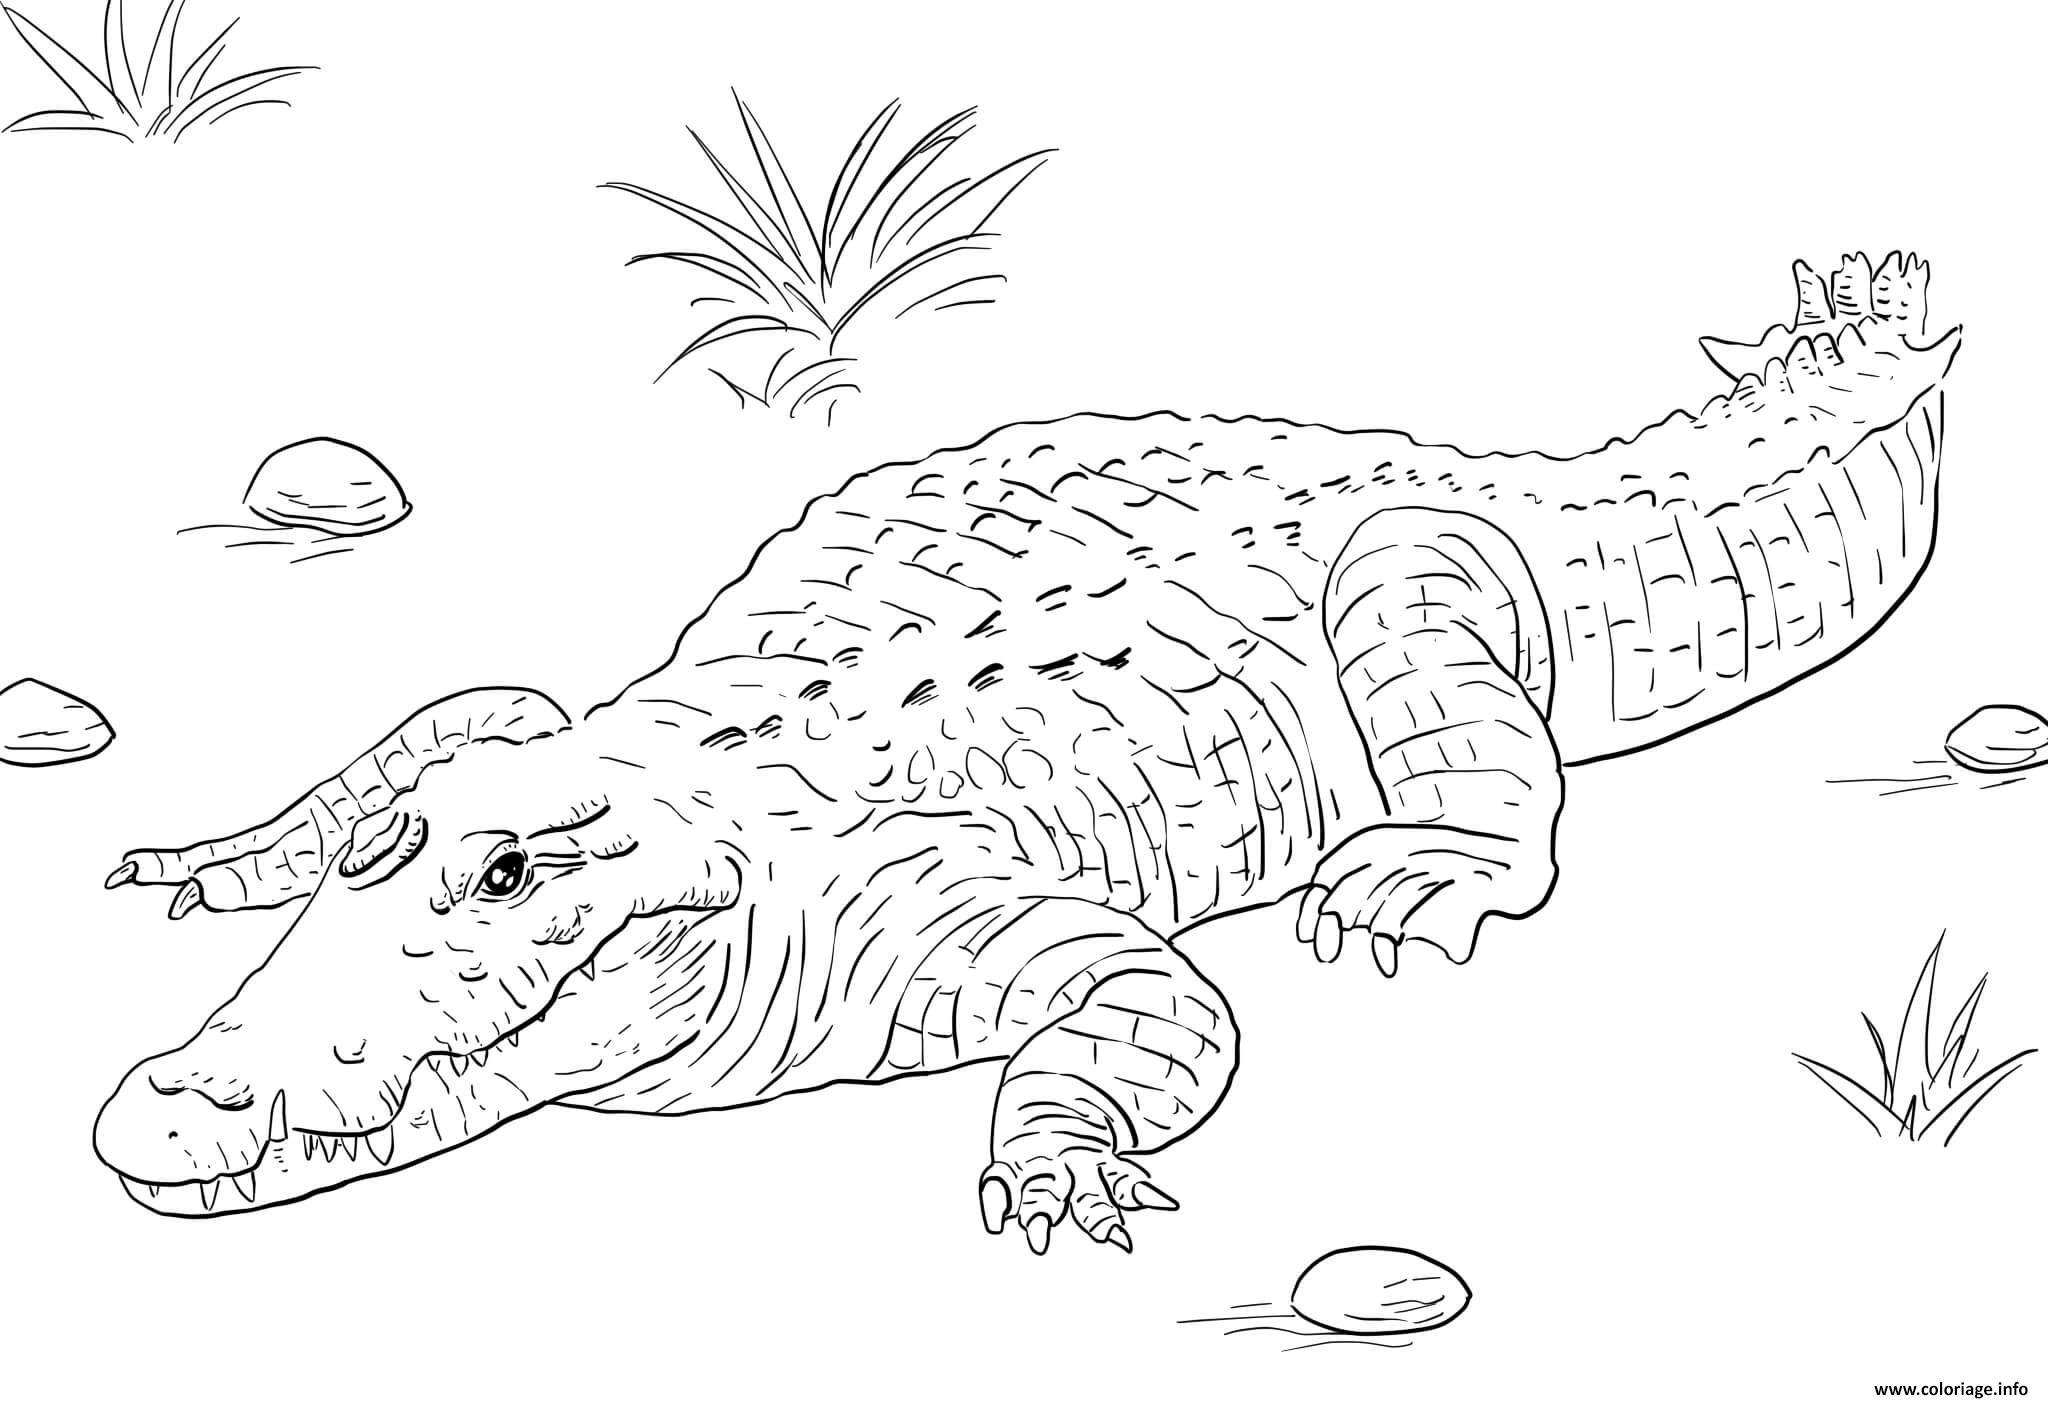 Coloriage Afrique Nile Crocodile Dessin destiné Coloriage Afrique À Imprimer